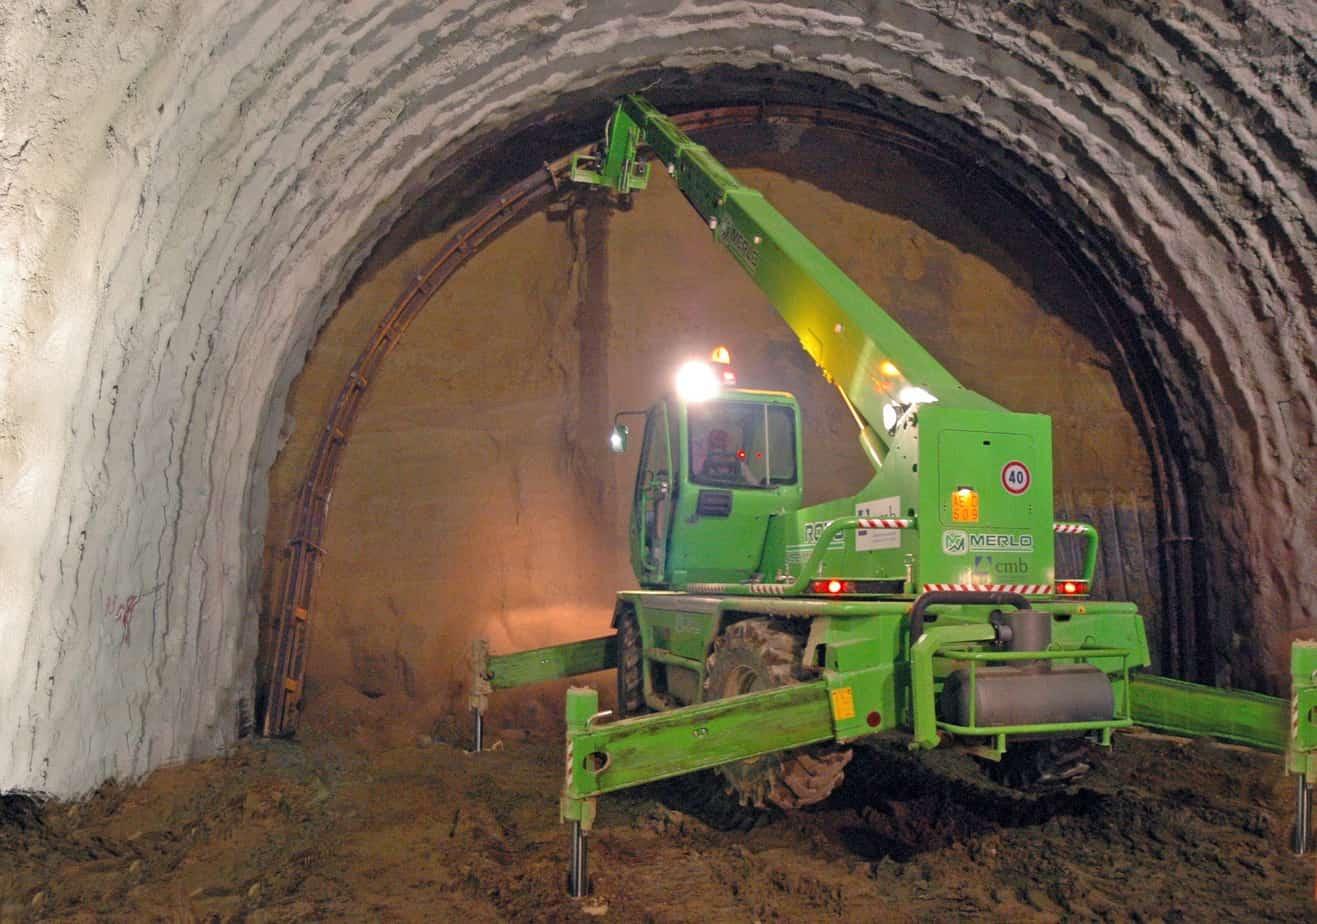 La gamma Roto si rivela adatta anche ai lavori di servizio per le grandi gallerie scavate con le TBM. La polivalenza di queste macchine è infatti un must a cui non si rinuncia nei cantieri